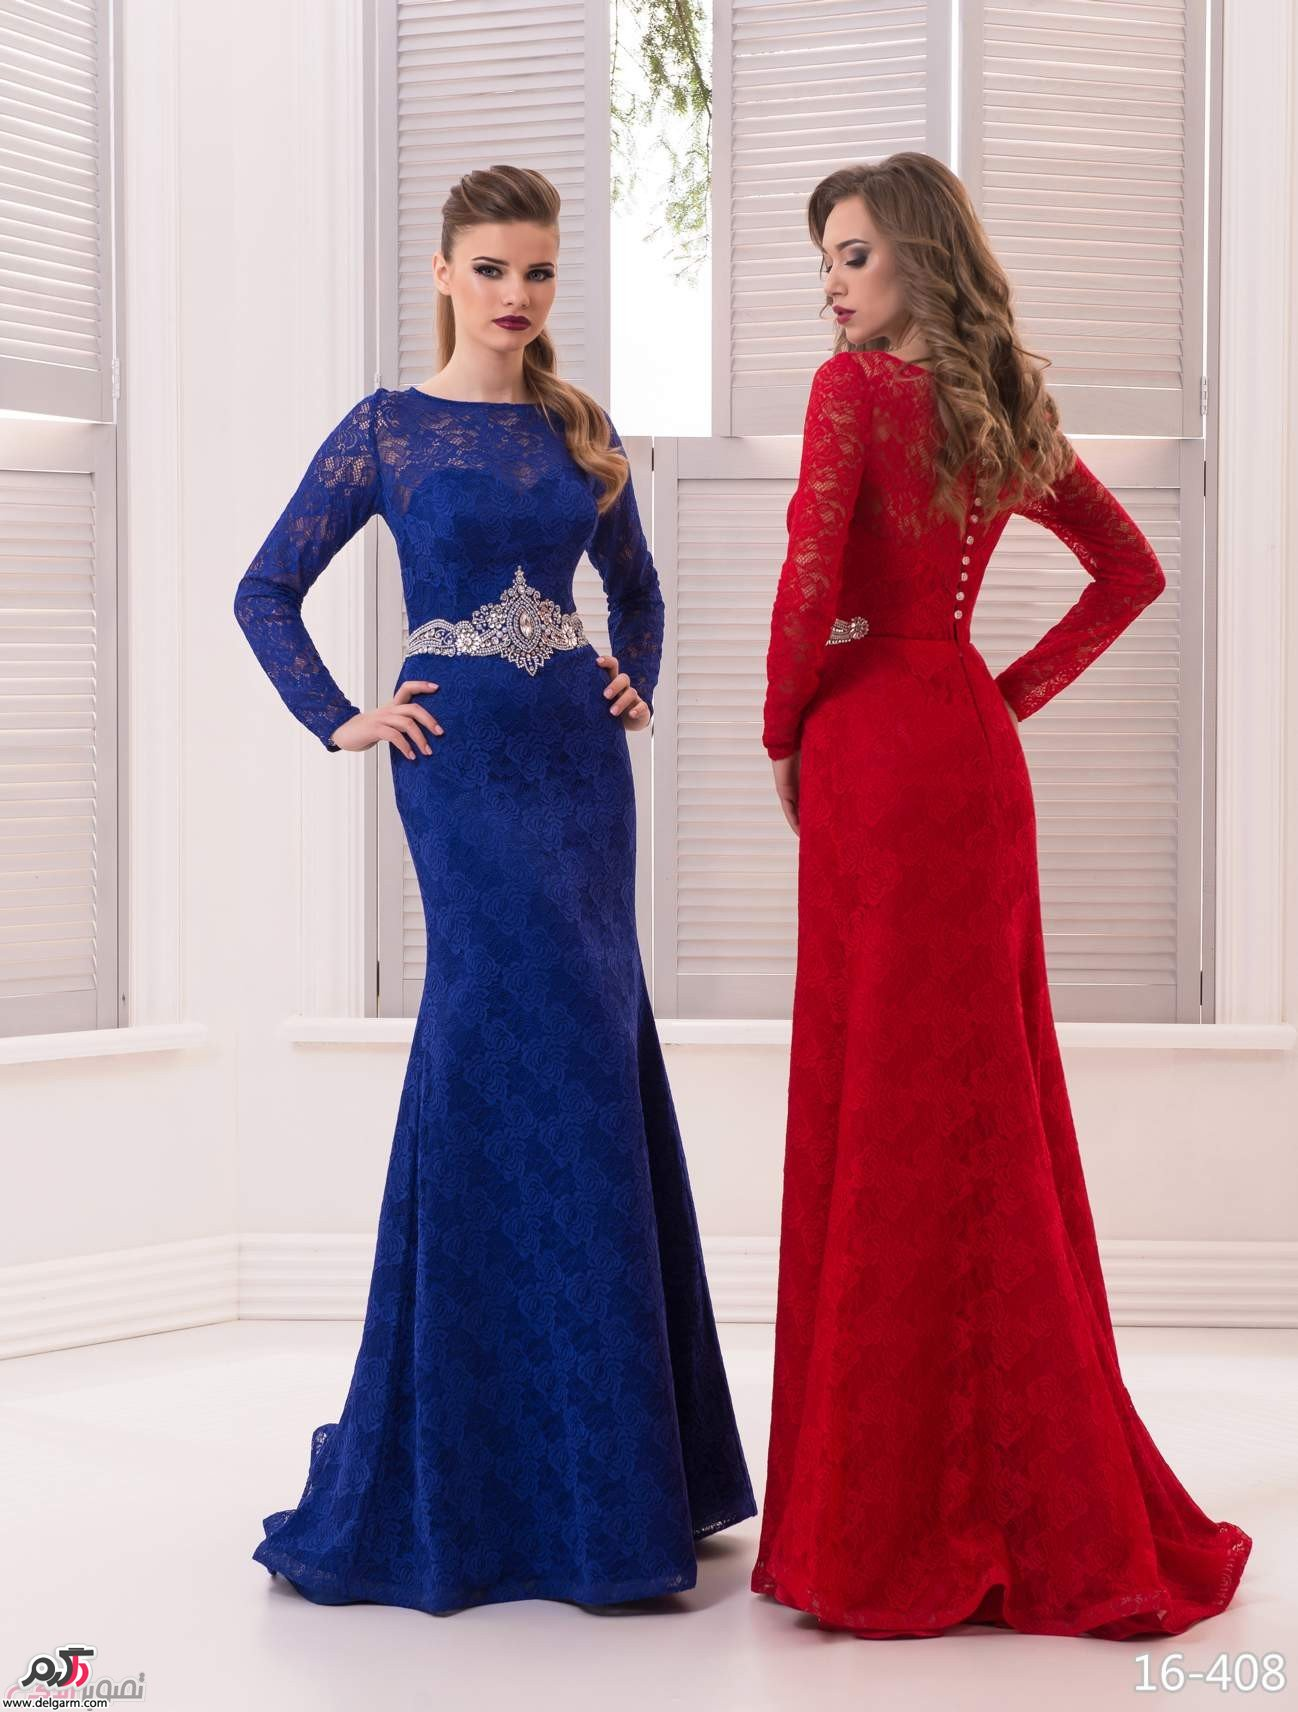 مدل دامن بلند مجلسی کرپ جدیدترین مدل لباس شب مجلسی ۲۰۱۷